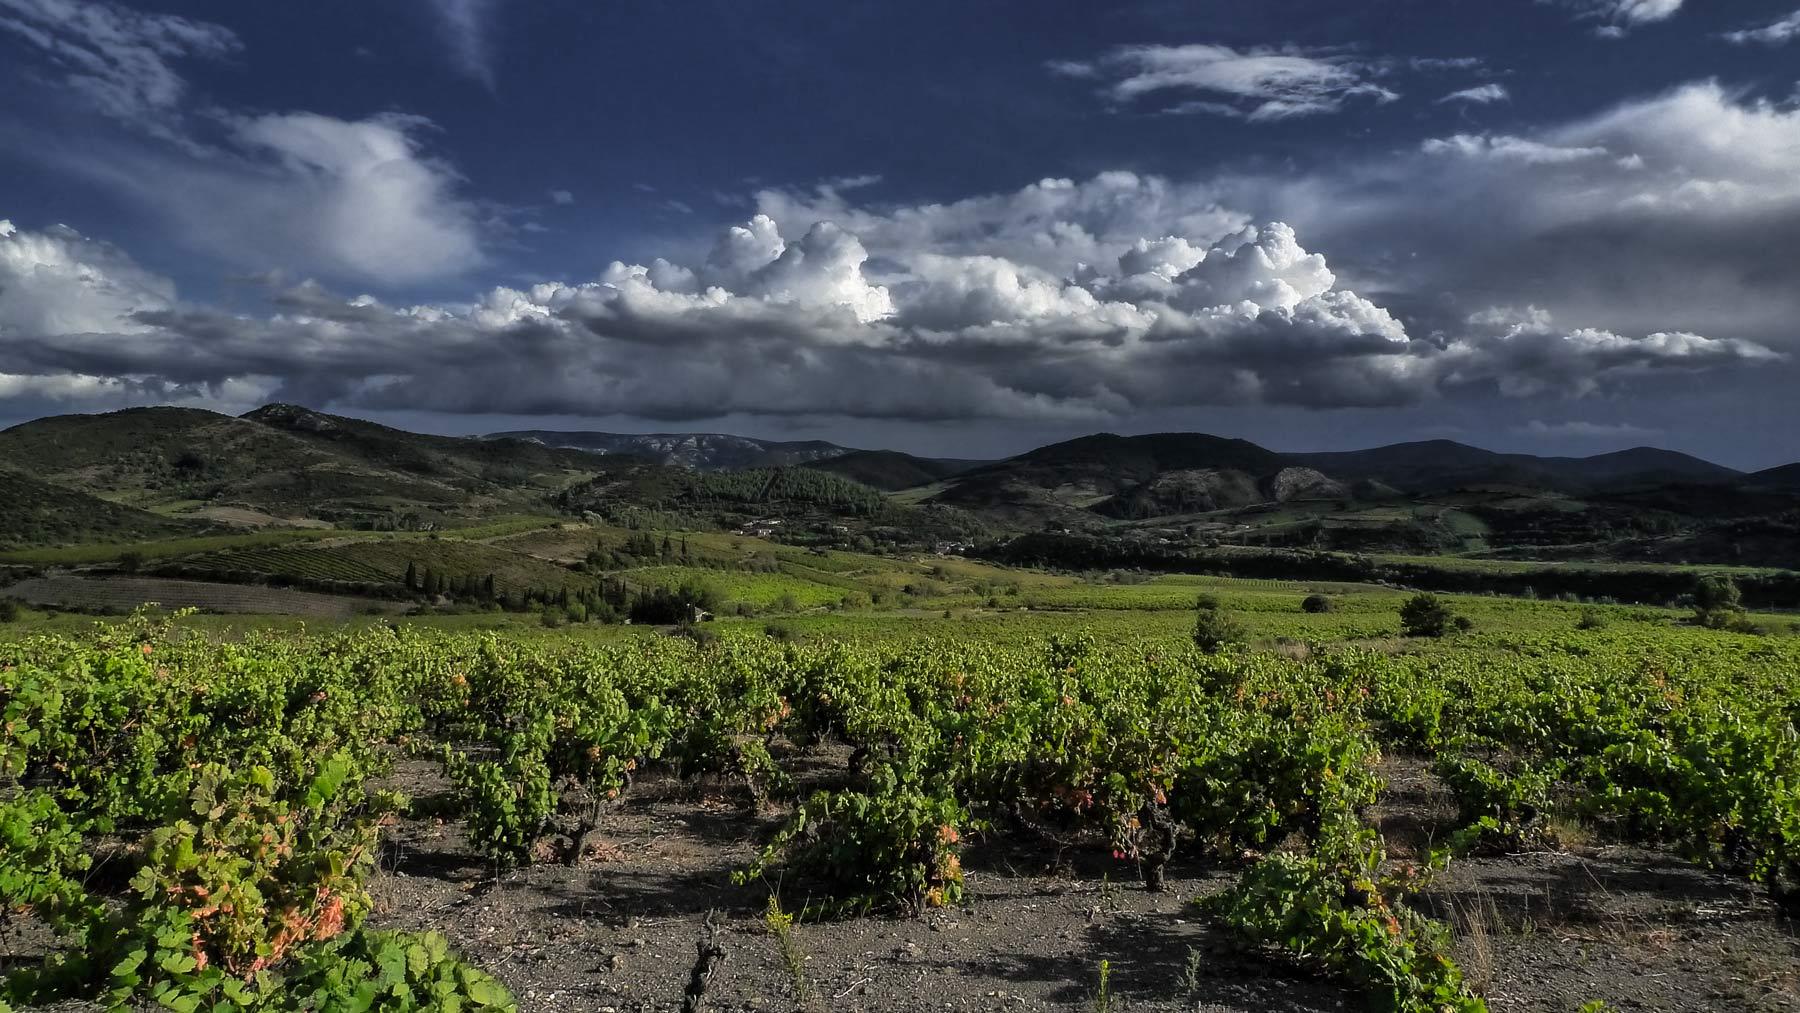 Fitou ist eine weitläufige Landschaft - meist karg und steinig, was Reben schätzen